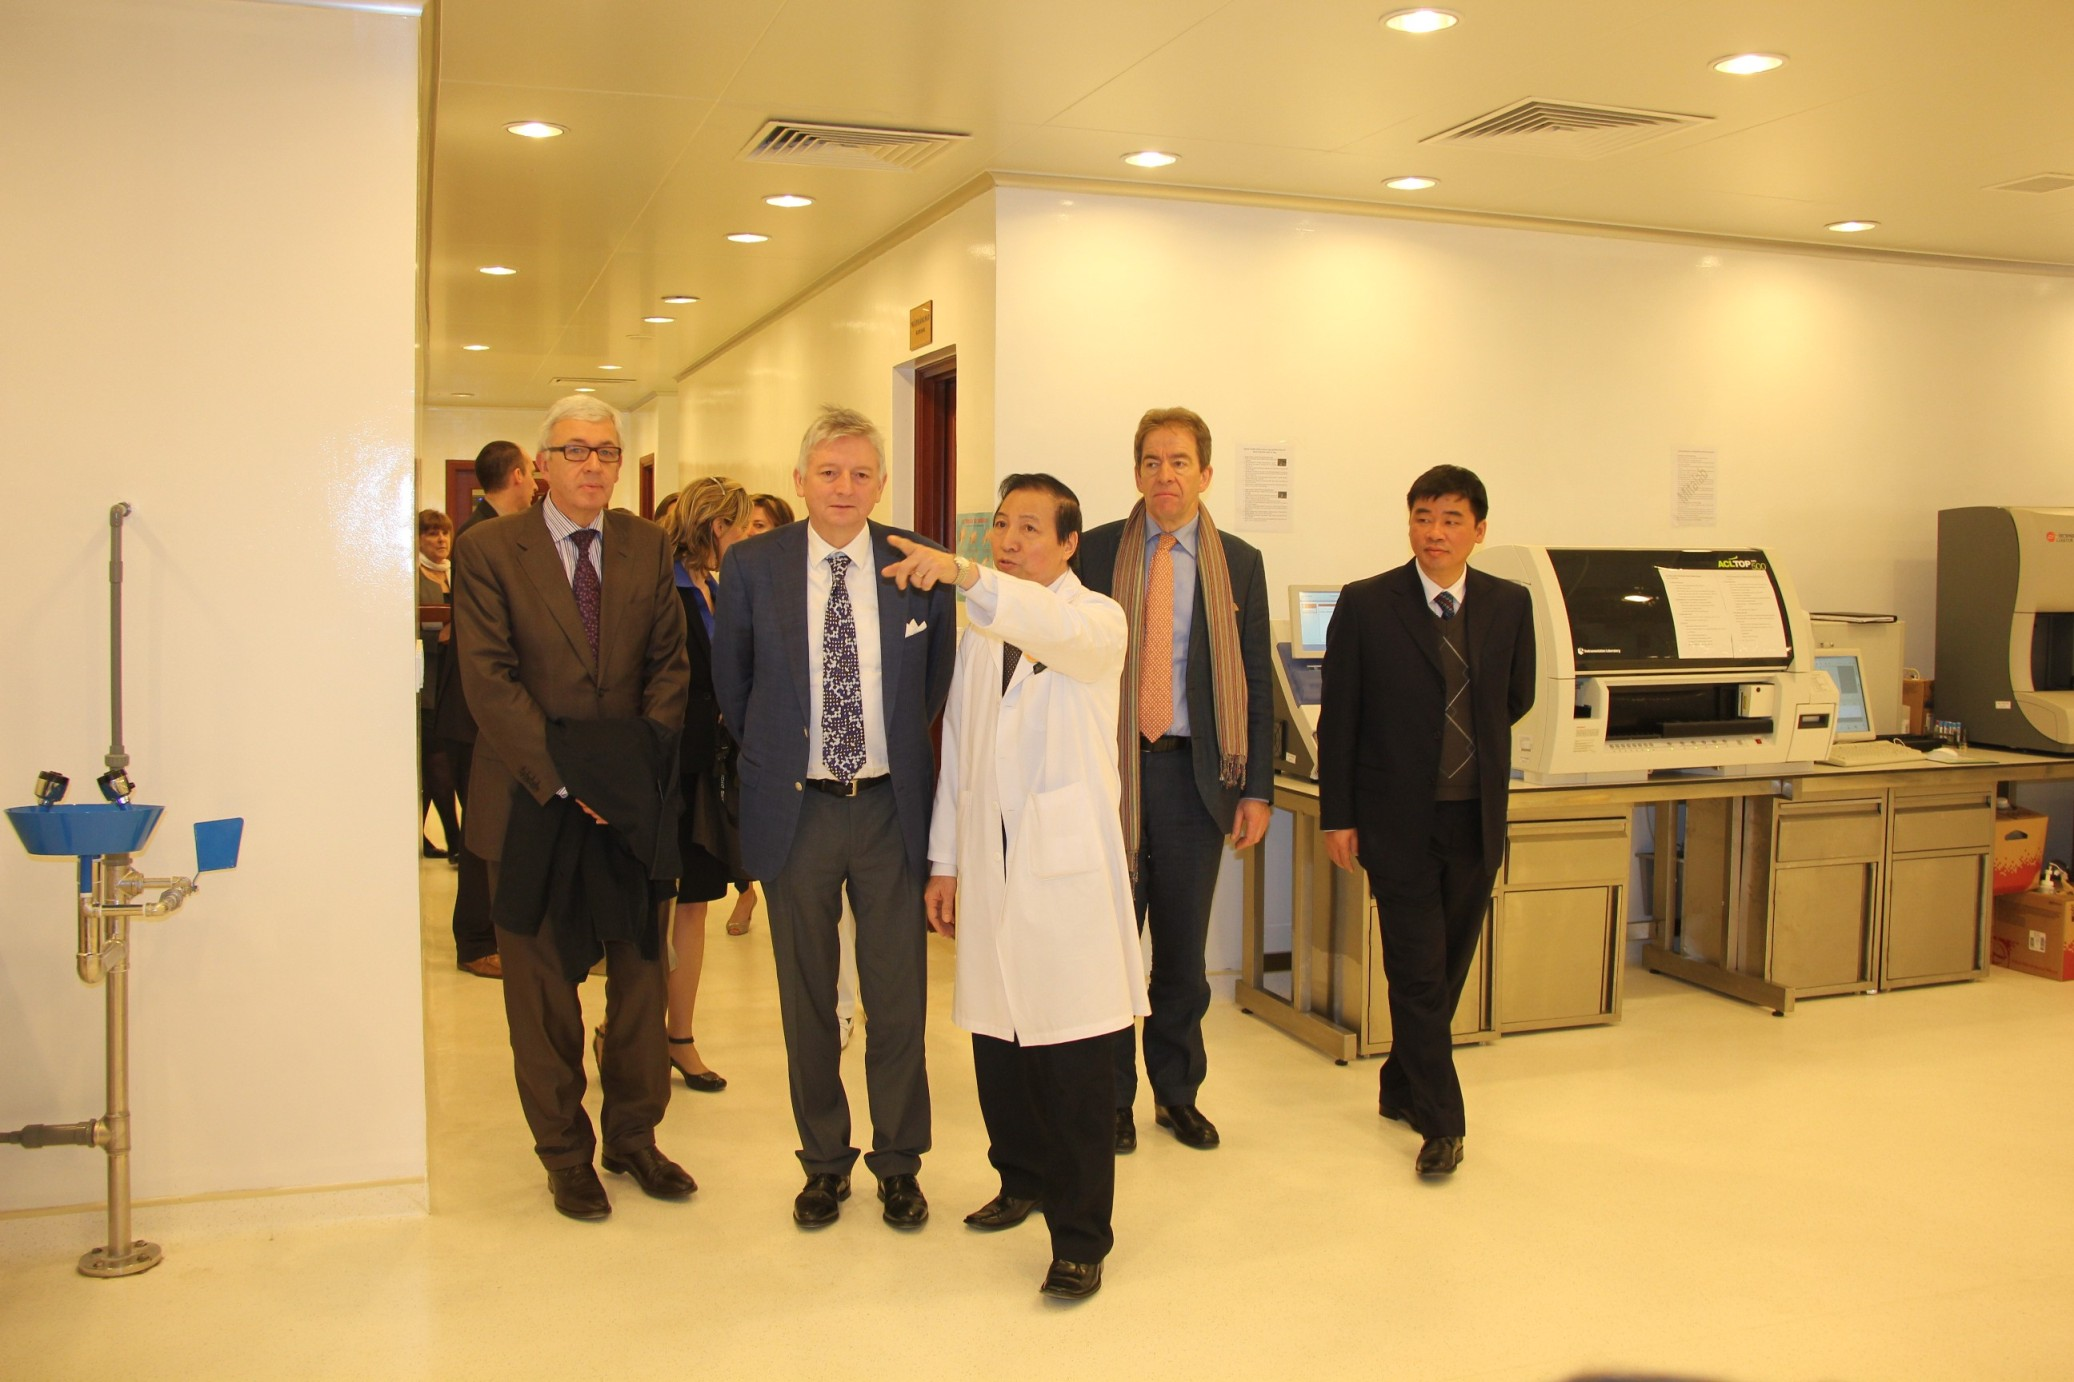 Viện Mắt Quốc Tế Nhật Bản